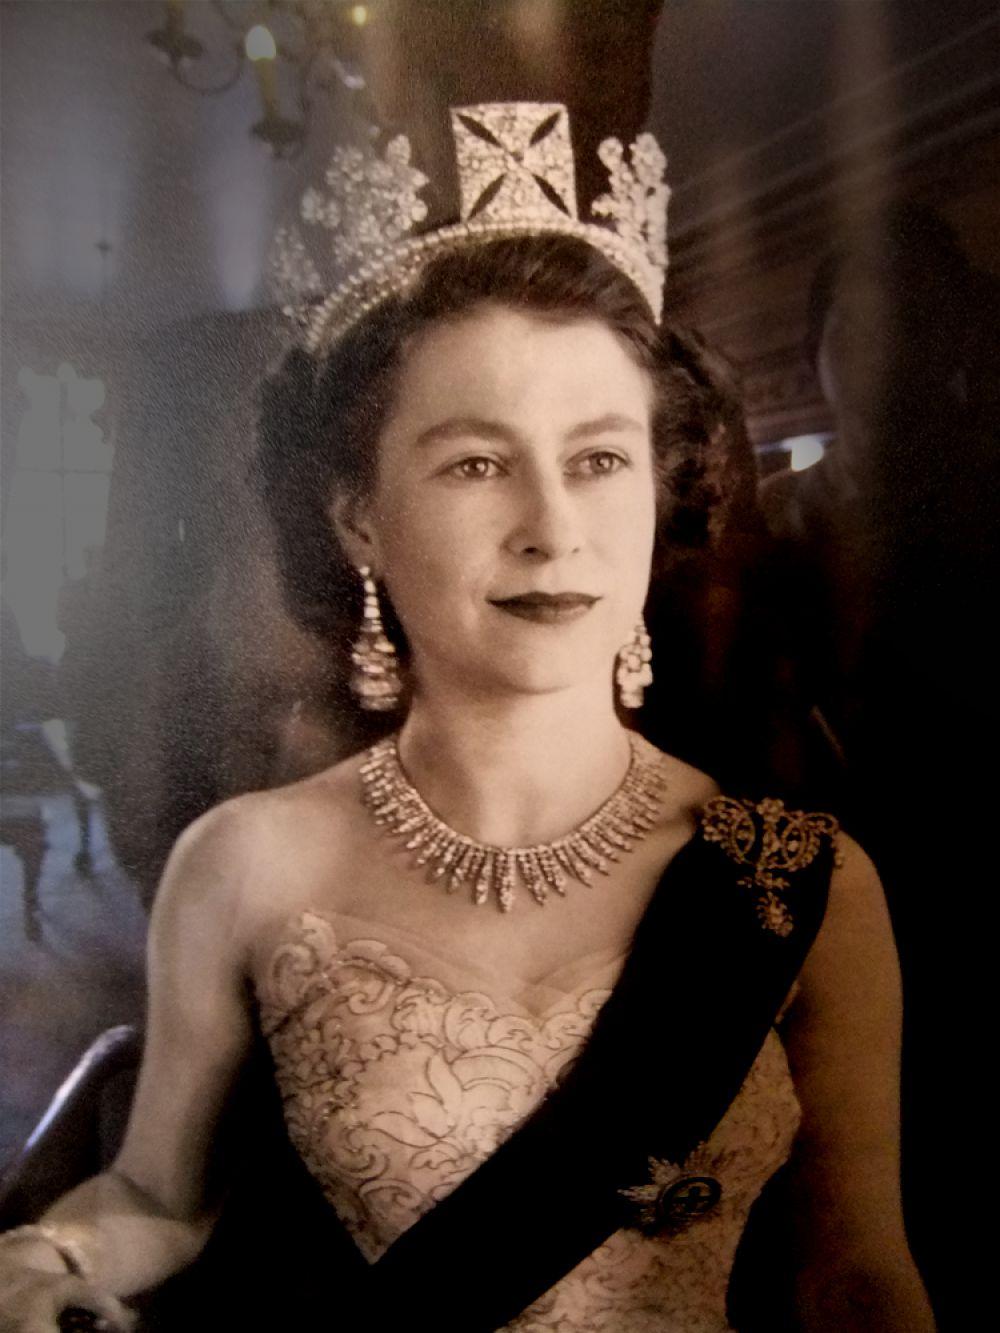 В их семье родились четверо детей: наследник престола — старший сын Чарльз Филип Артур Георг, принц Уэльский (1948 г.р.); принцесса Анна Элизабет Элис Луиза (1950 г.р.); принц Эндрю Альберт Кристиан Эдвард, герцог Йоркский (1960 г.р.), Эдвард Энтони Ричард Луис, граф Уэссекский (1964 г.р.).